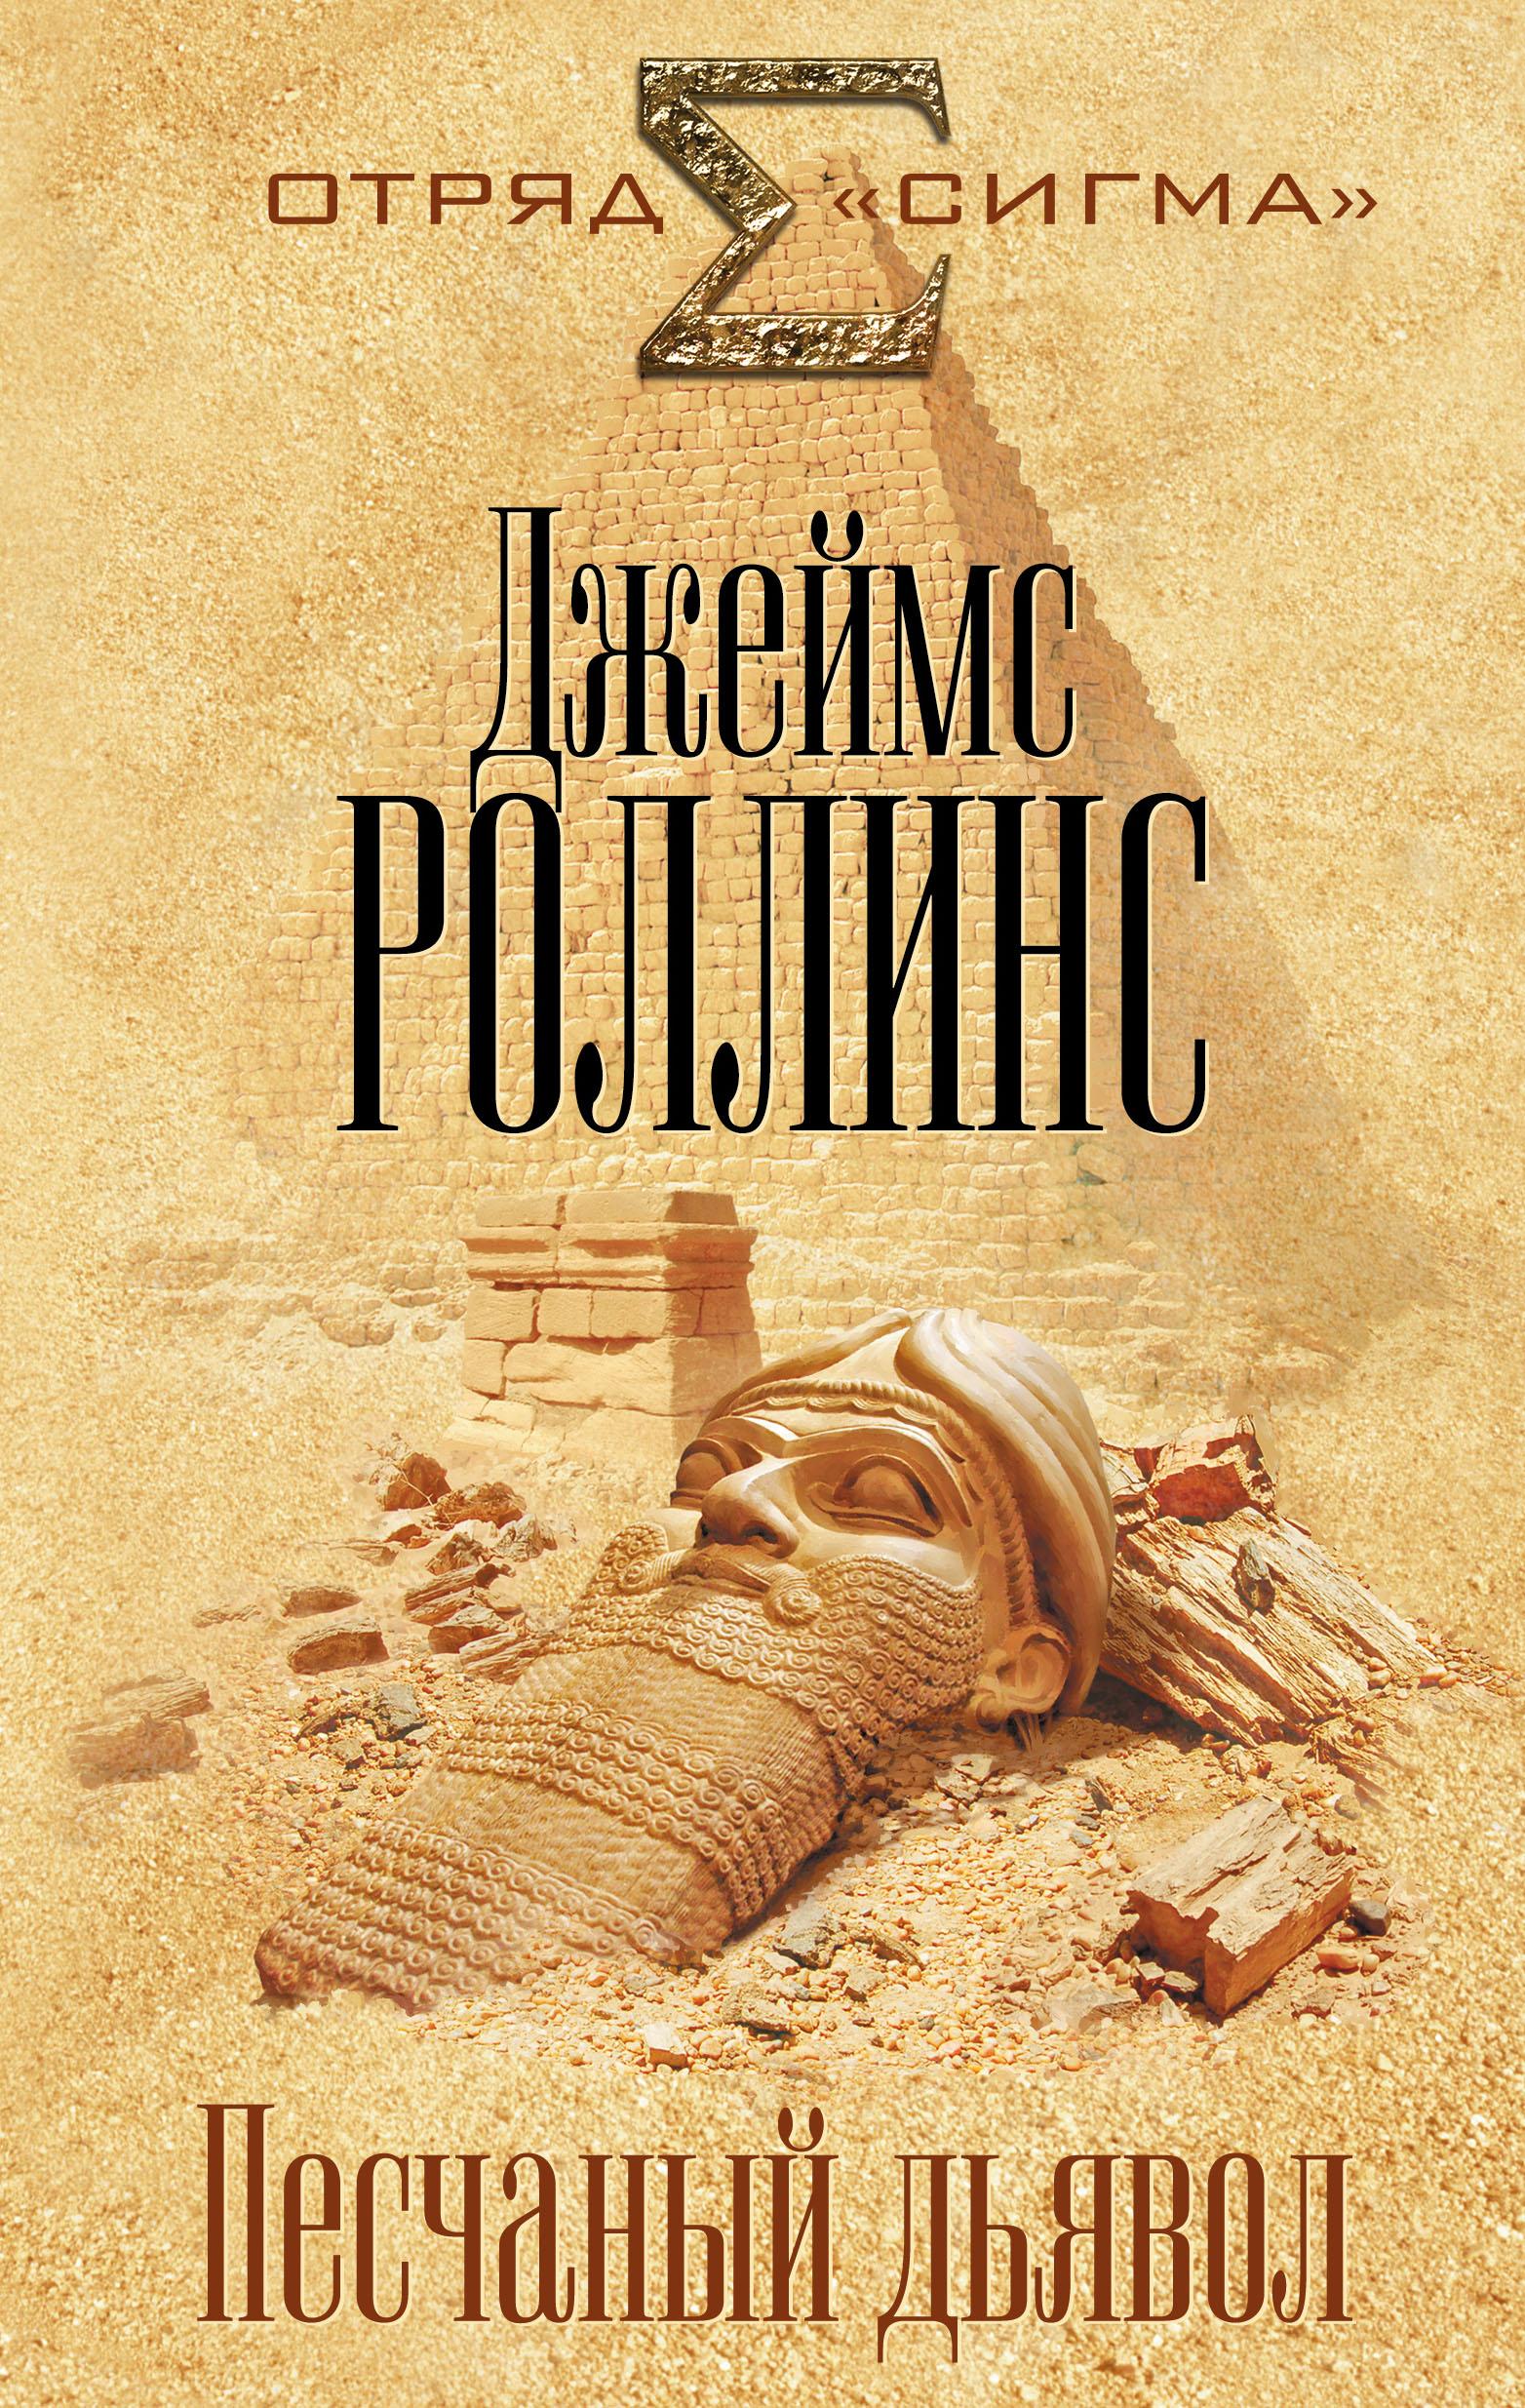 Скачать книгу песчаный дьявол epub